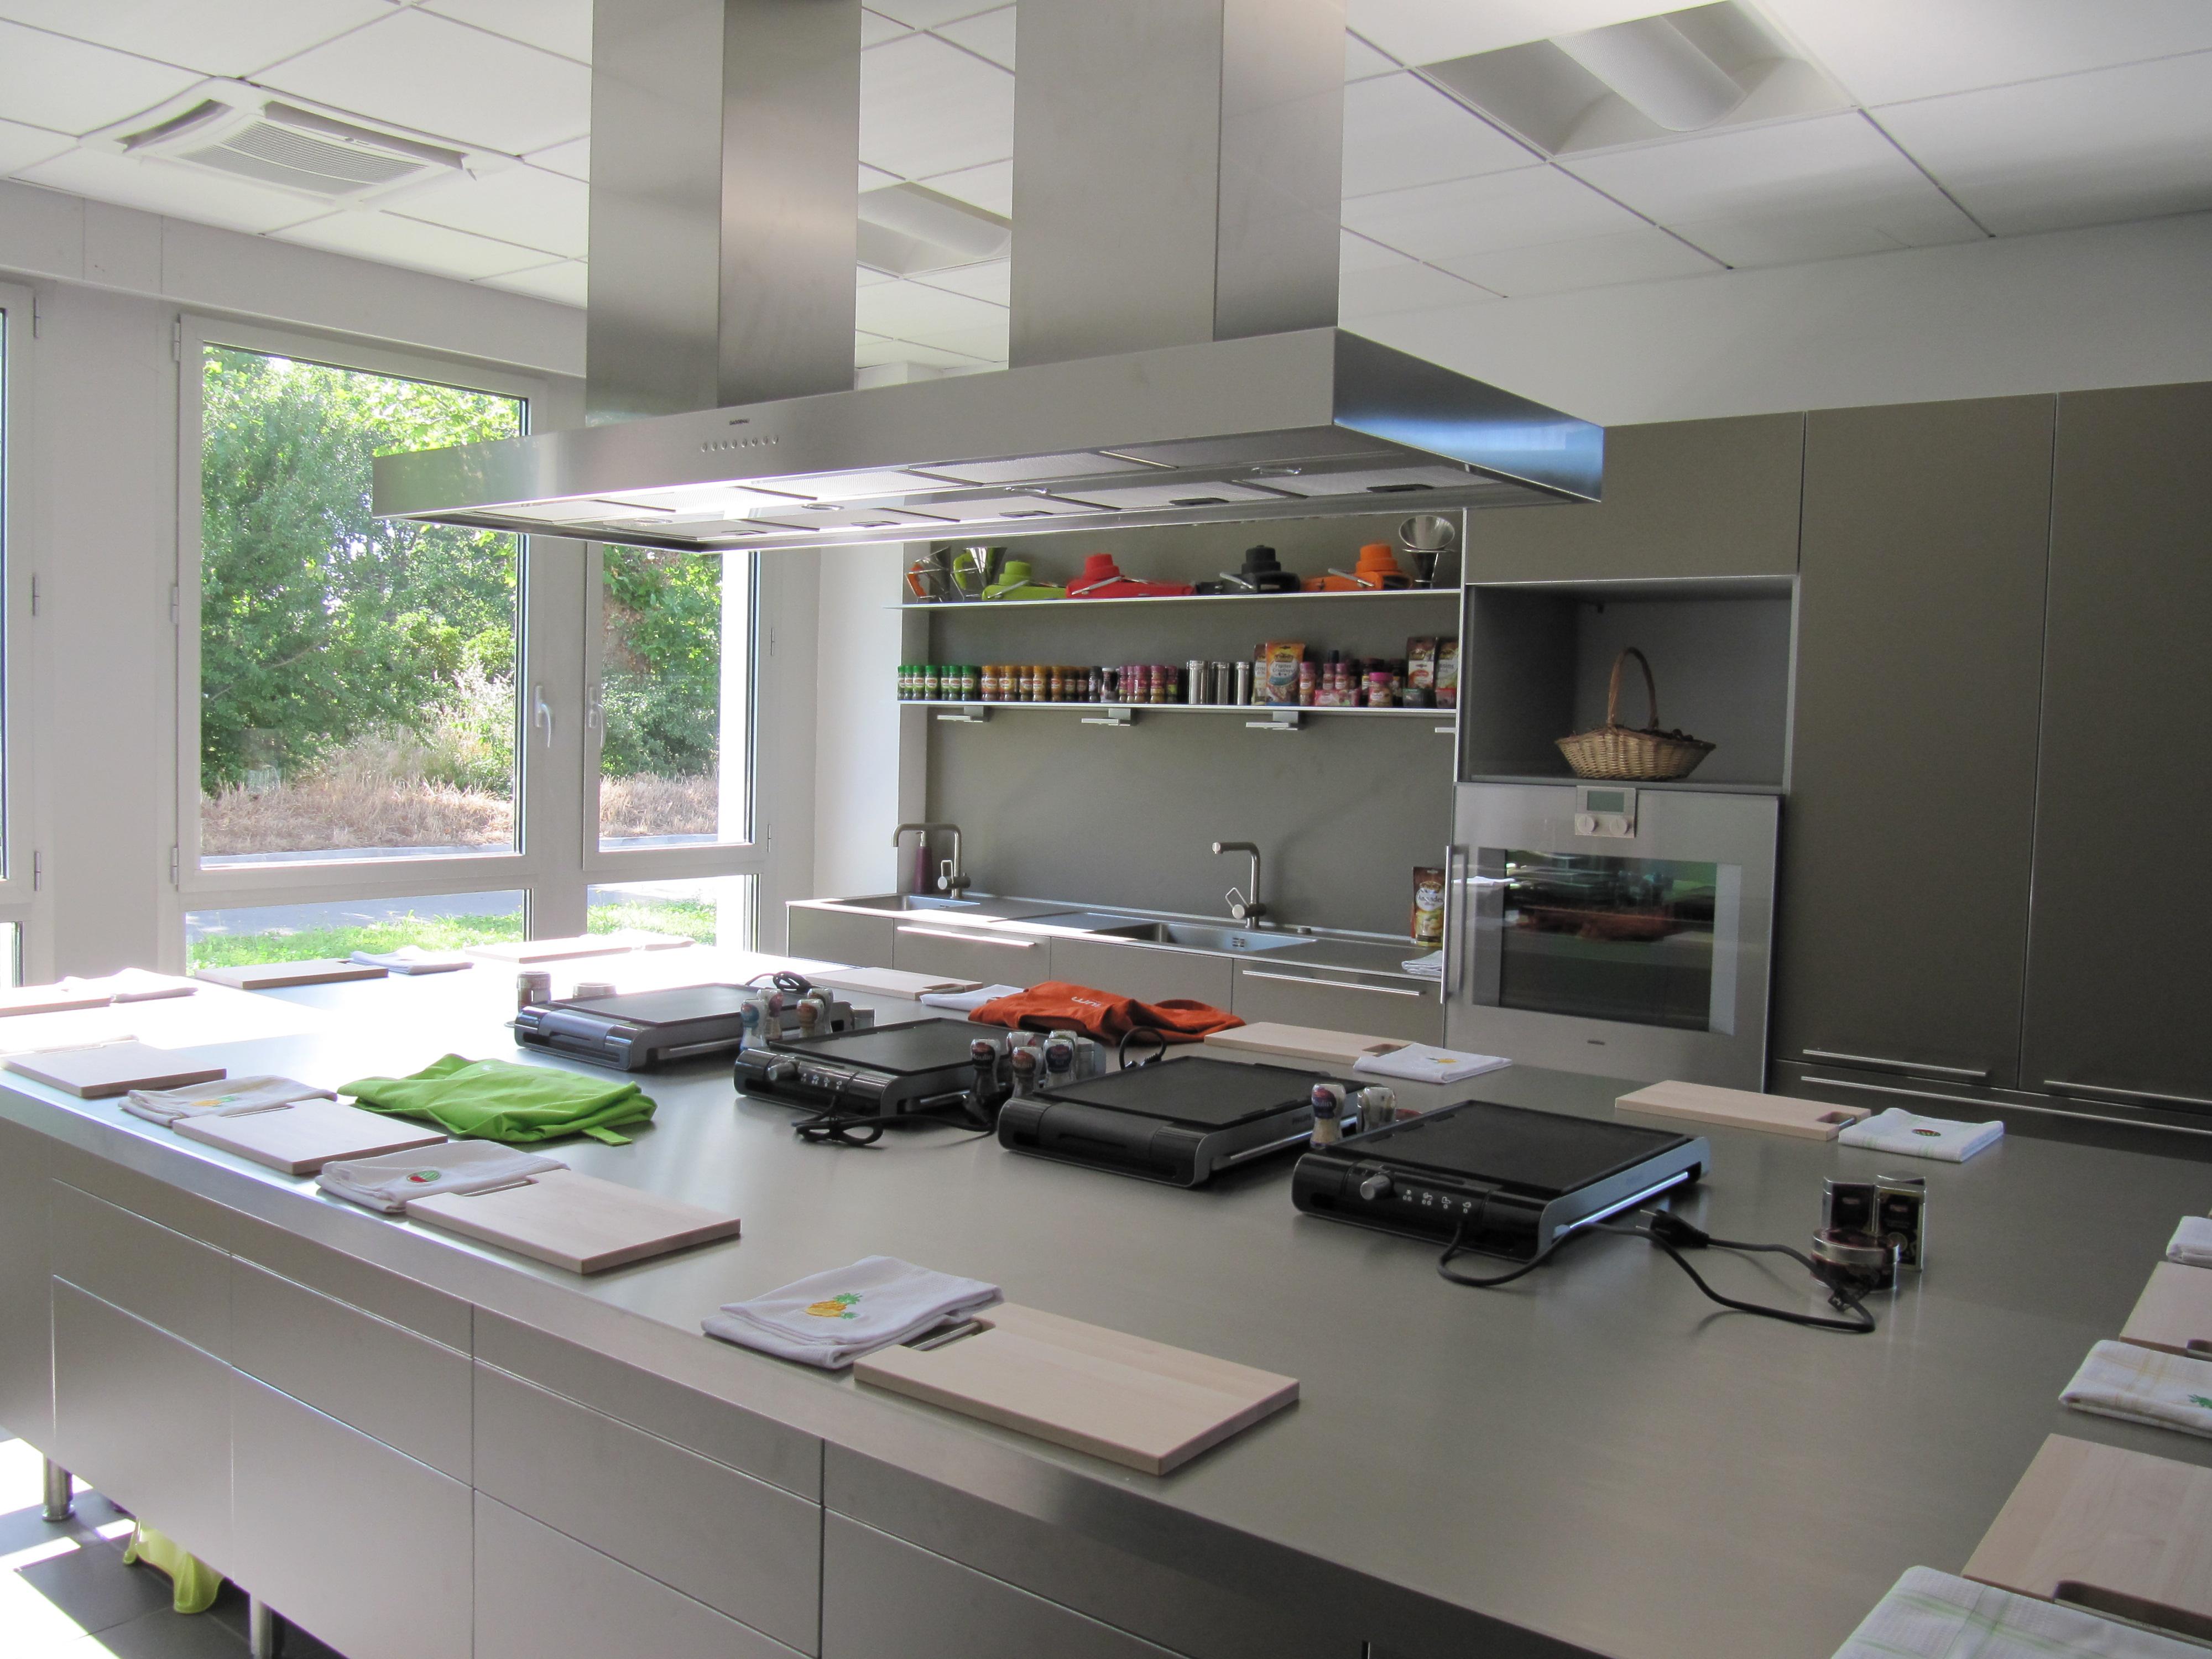 Comment acheter quipement cuisine professionnelle for Equipement cuisine